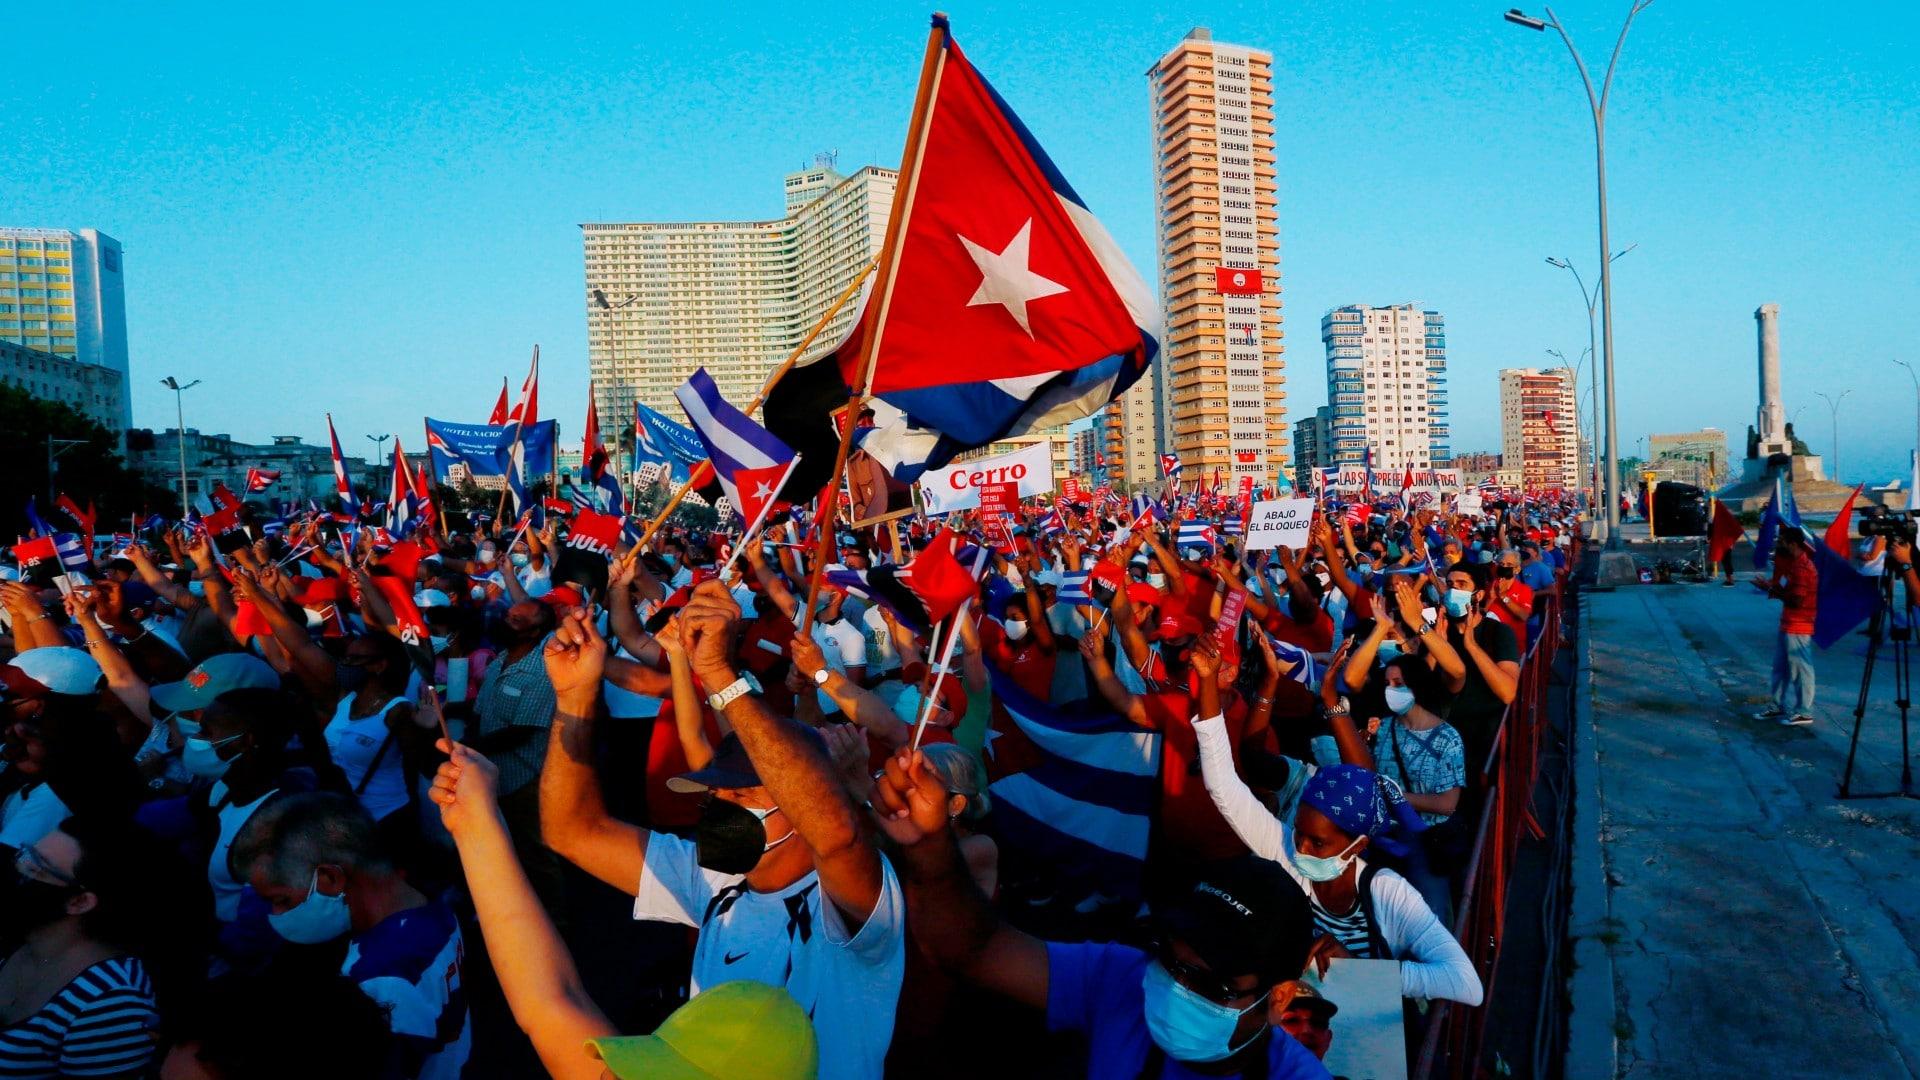 Cuba realiza actos masivos para cerrar paso a protestas contra el gobierno